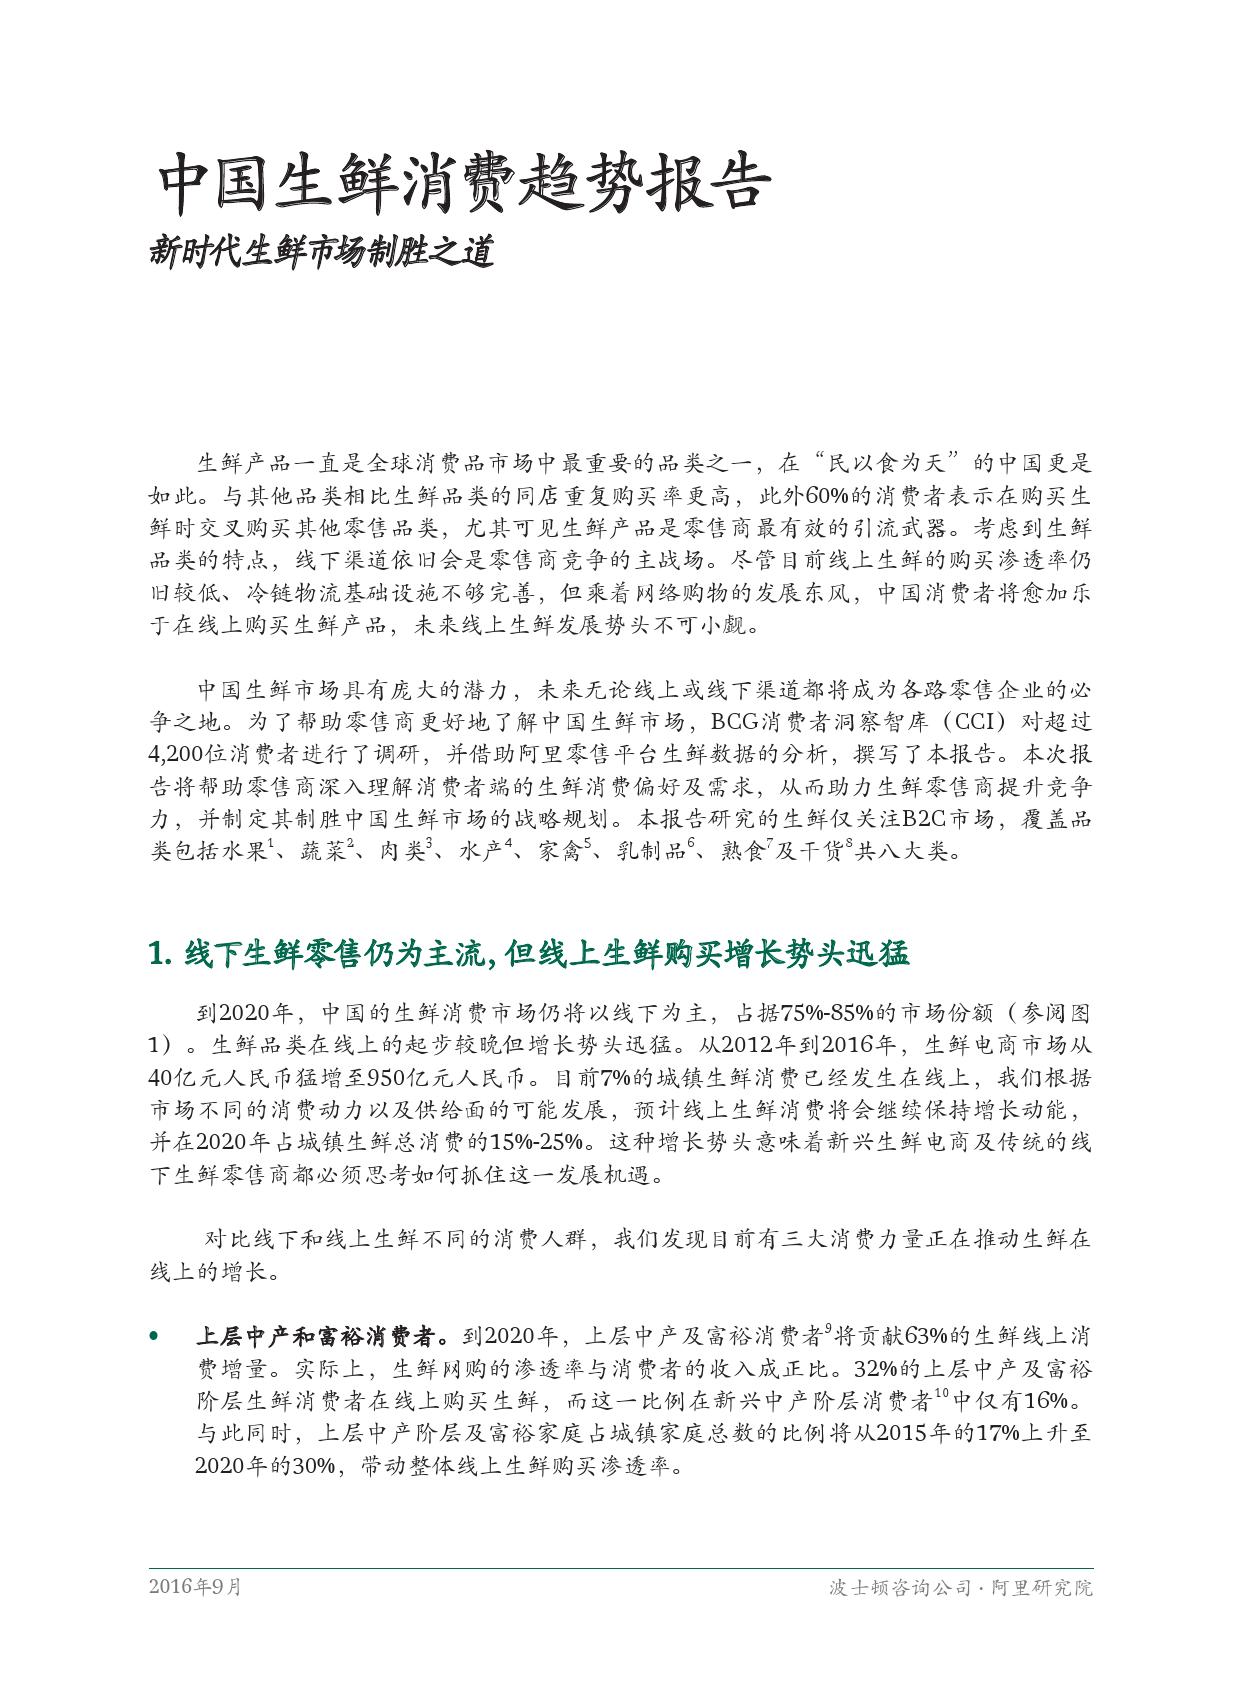 2016年中国生鲜消费趋势报告_000003